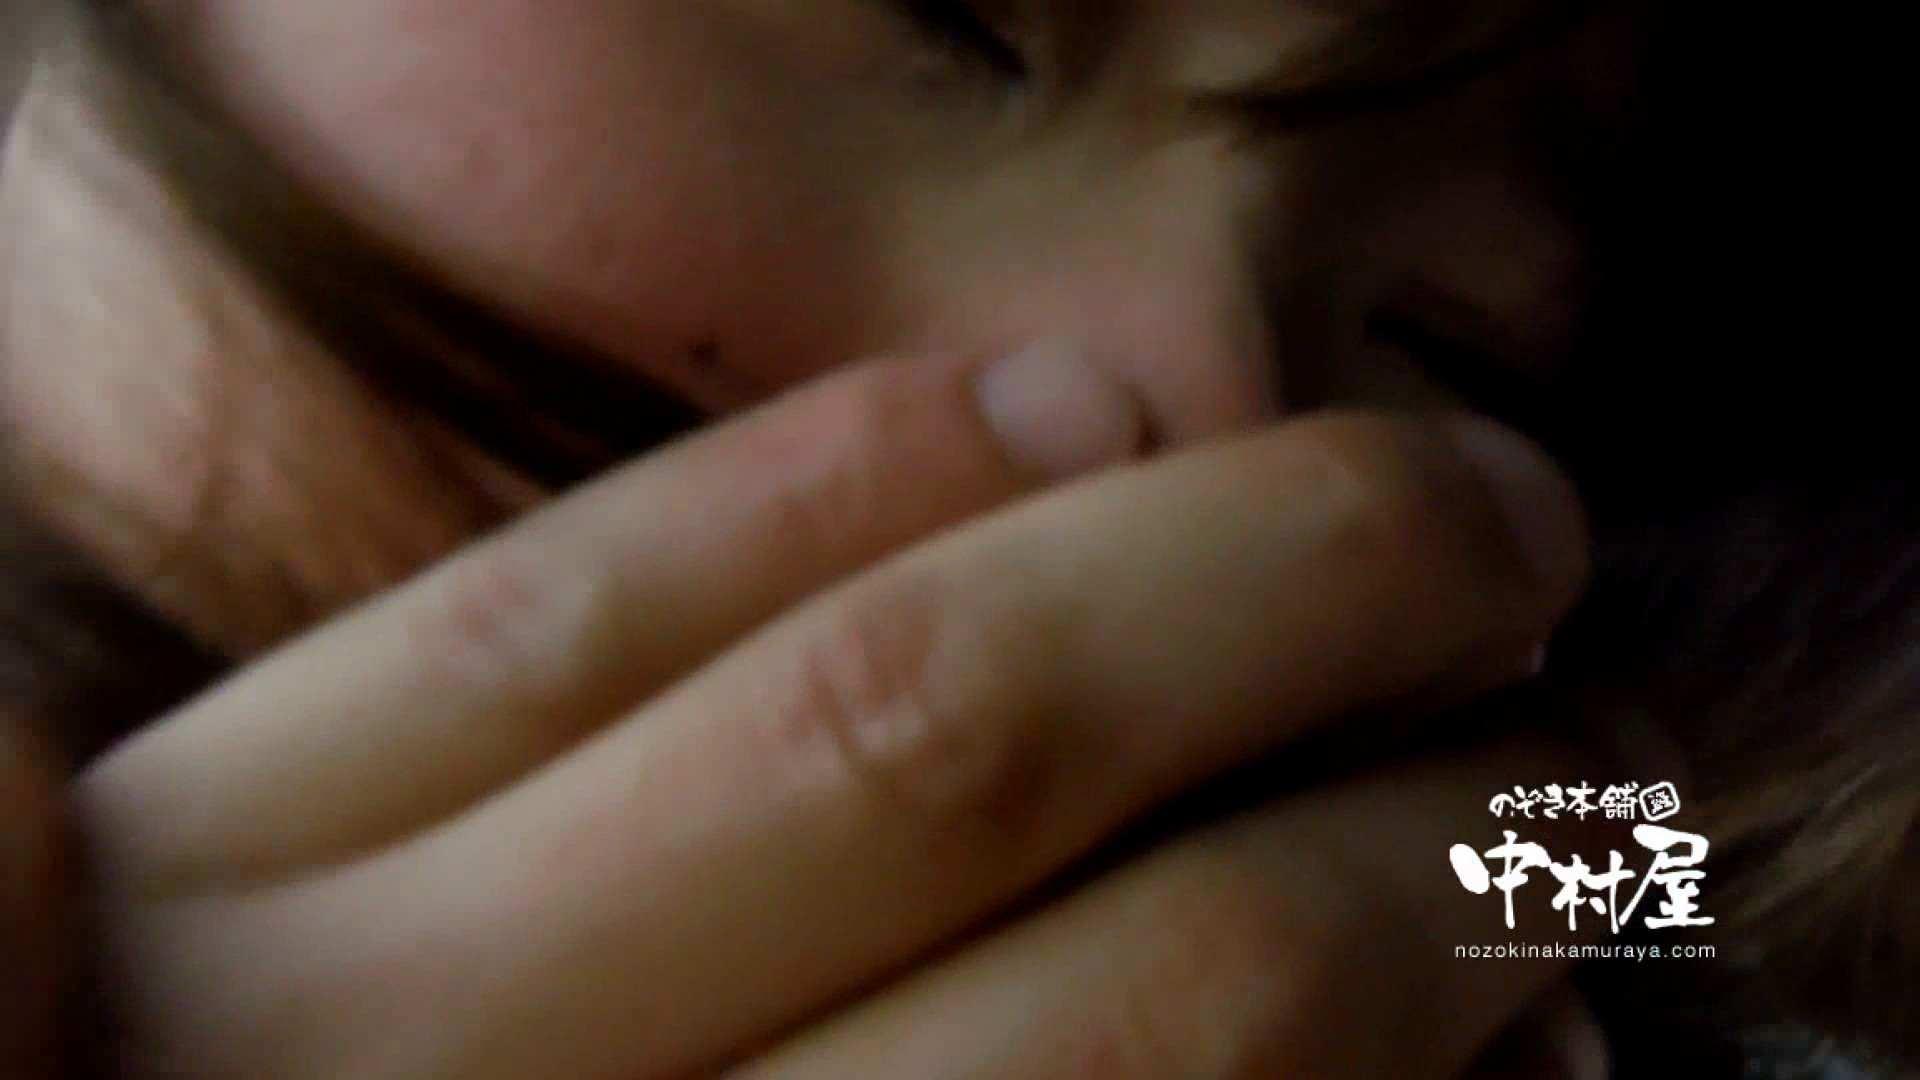 鬼畜 vol.16 実はマンざらでもない柔らかおっぱいちゃん 後編 鬼畜 ワレメ動画紹介 85PIX 56